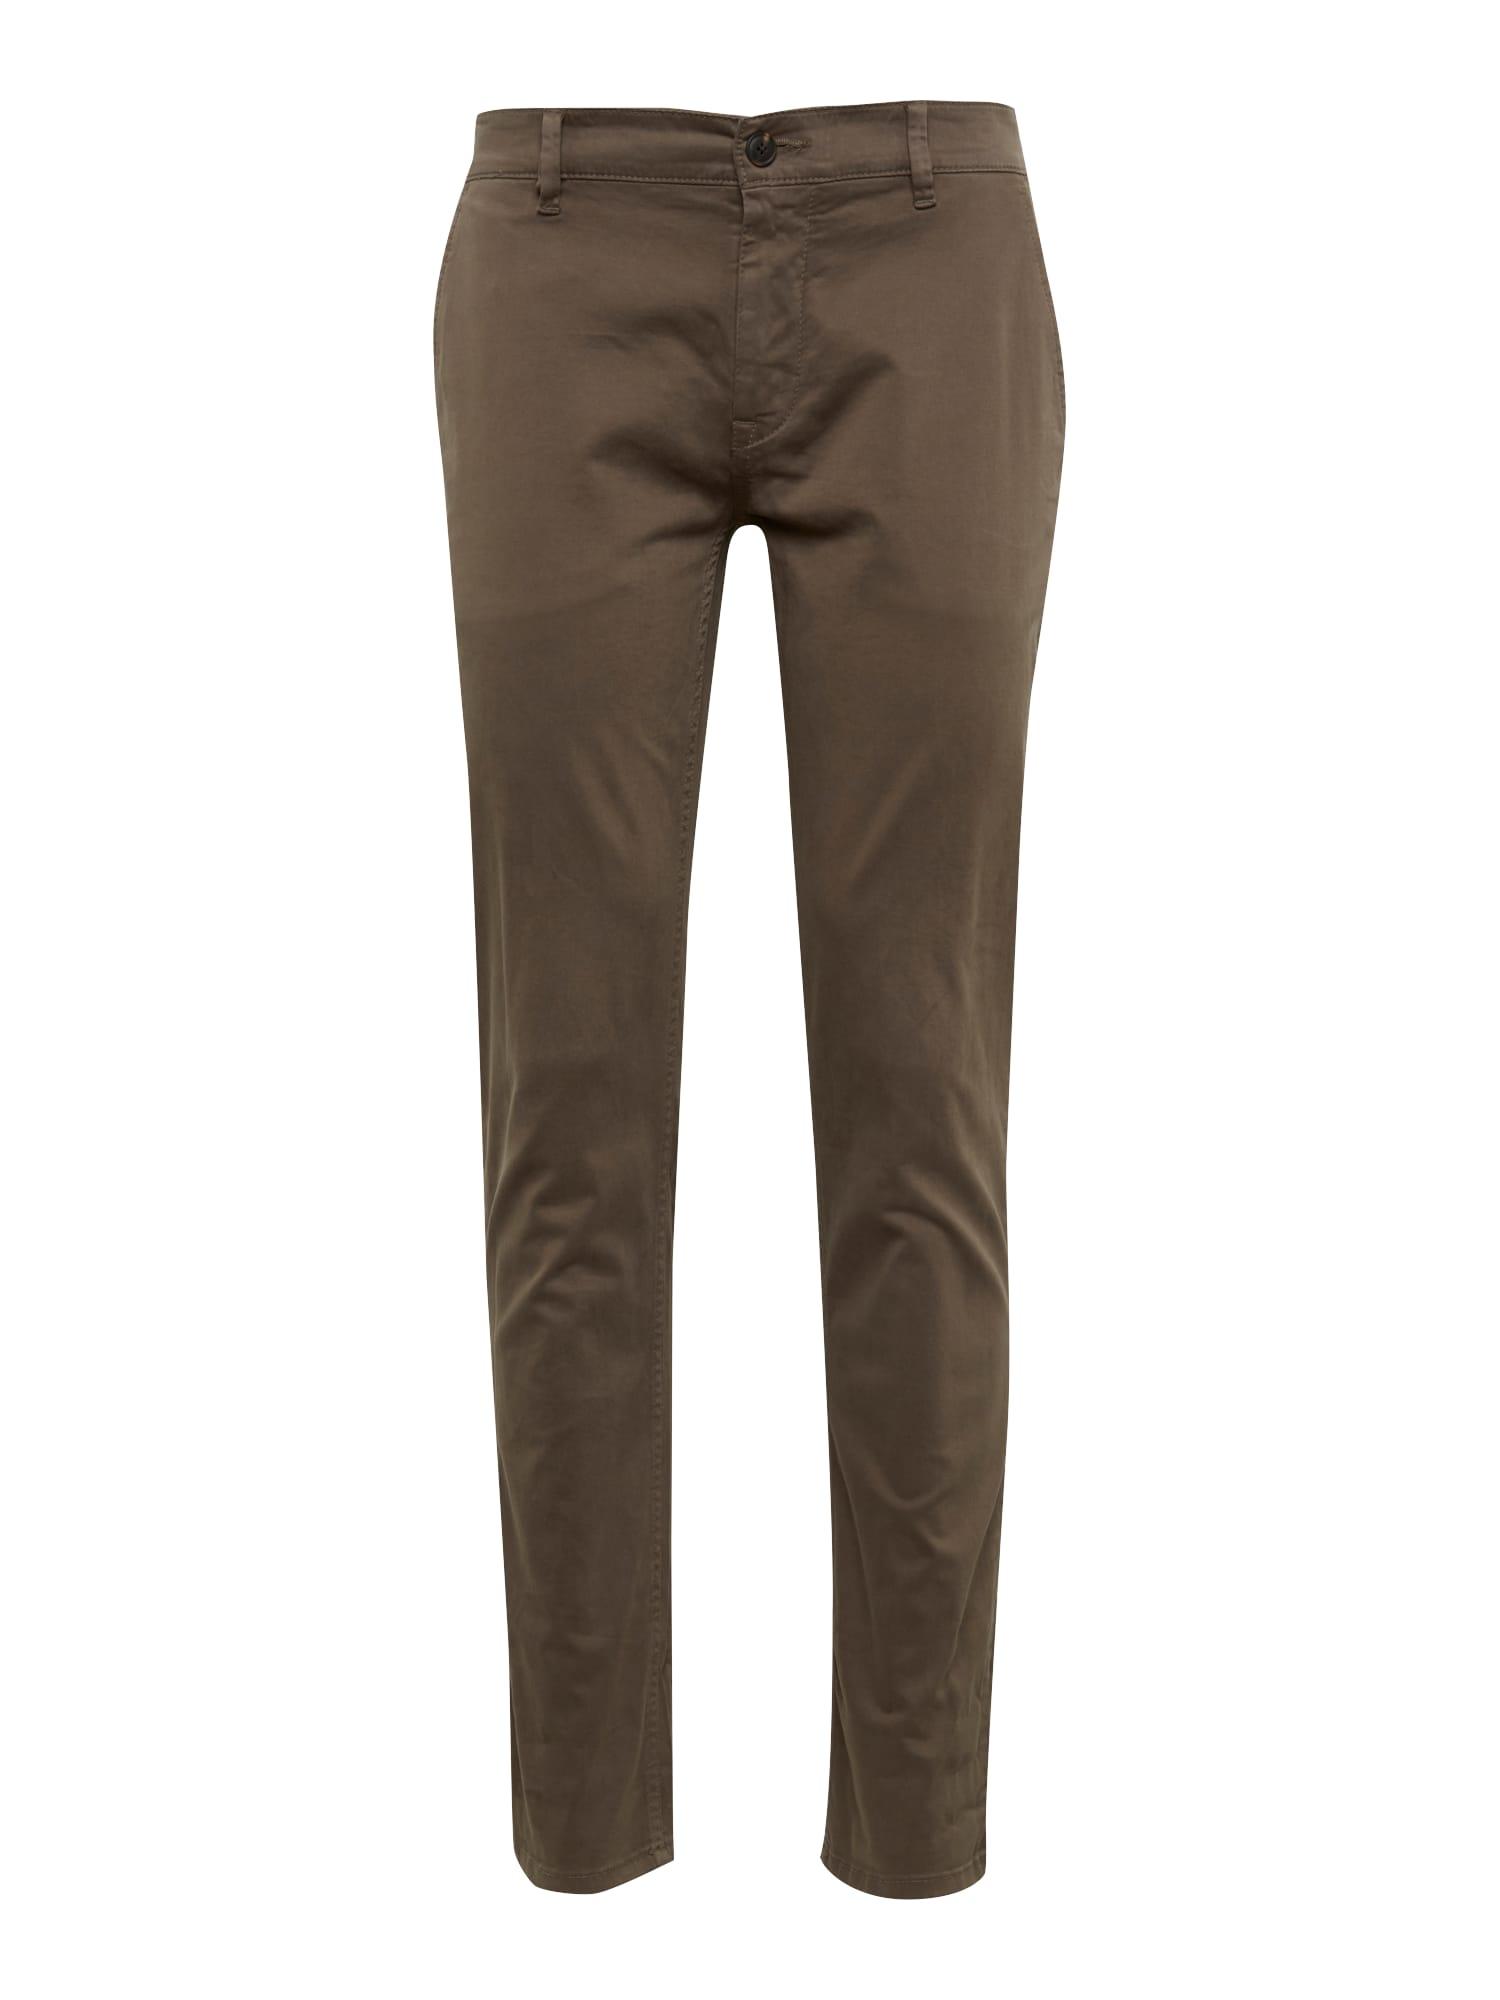 Chino kalhoty Schino-Slim D mokka BOSS